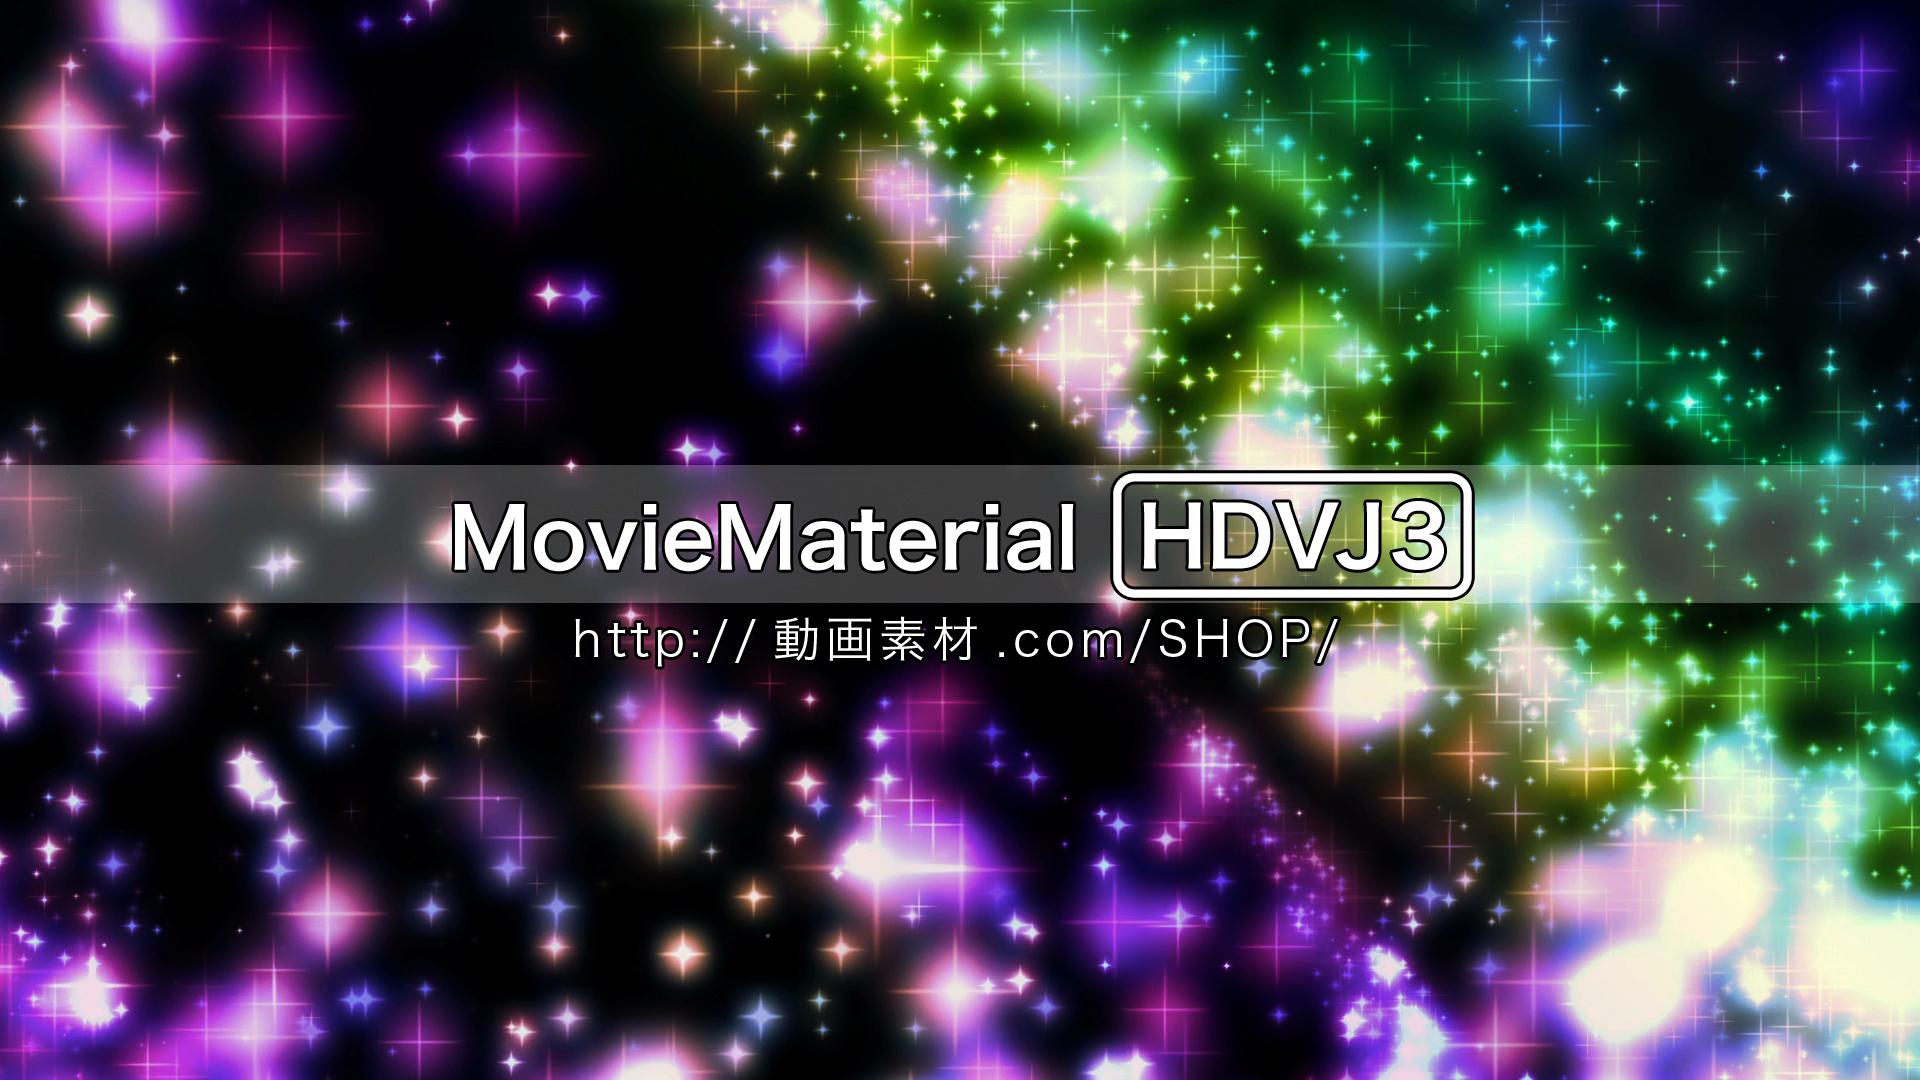 フルハイビジョン動画素材集第3段【MovieMaterial HDVJ3】ロイヤリティフリー(著作権使用料無料)1